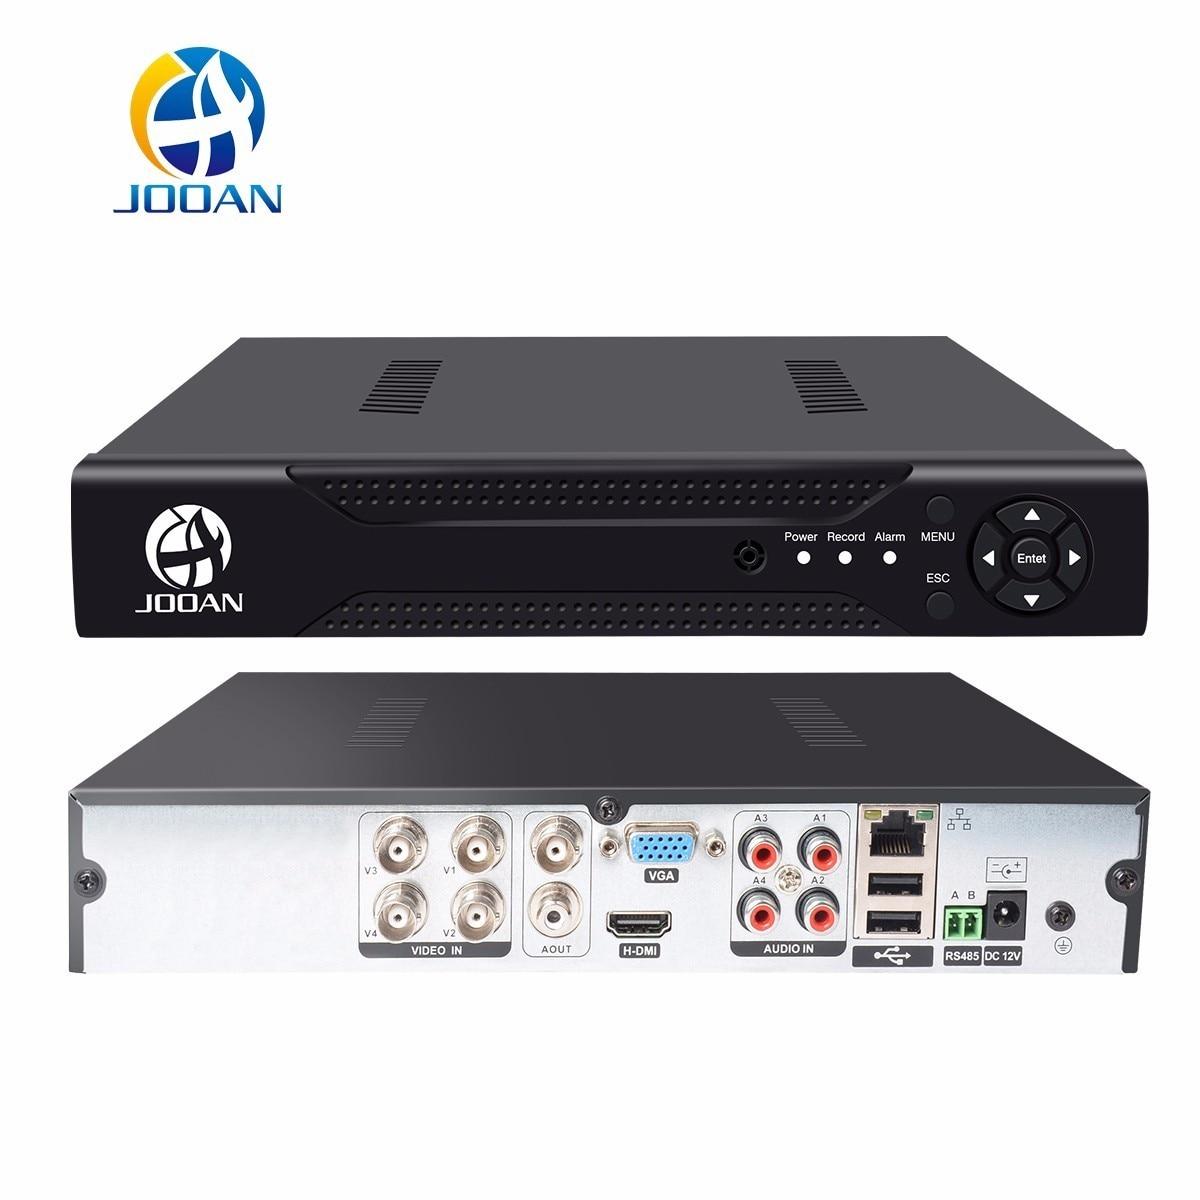 JOOAN 4CH CCTV DVR Système de Sécurité 1080N H.264 HD-Sortie P2P Hybride 5 dans 1 Onvif IP Caméra CVI TVI AHD Vidéo Enregistreur